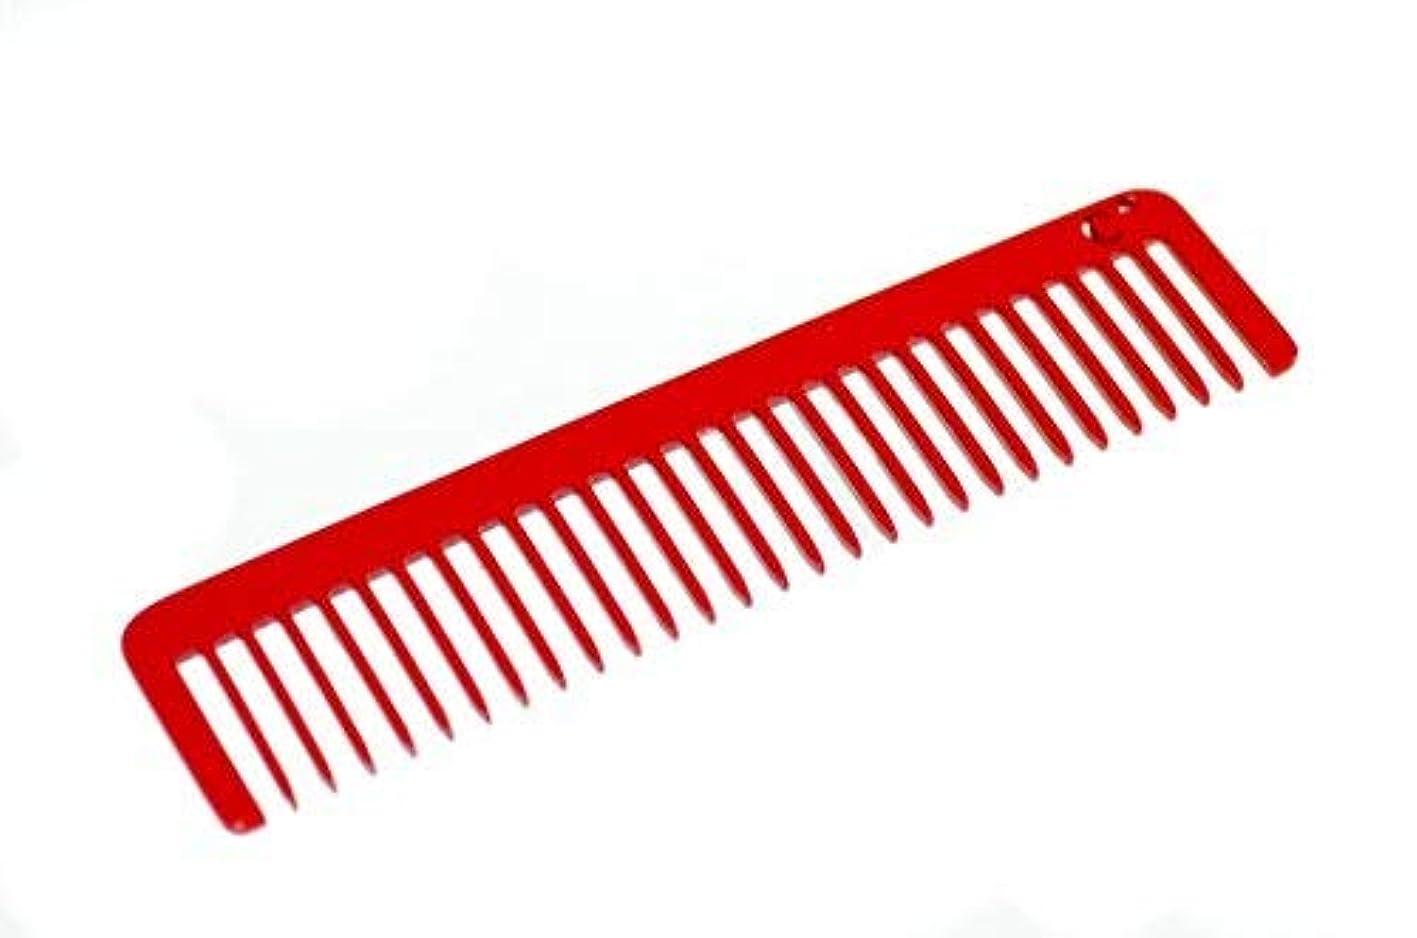 恩赦排泄するフルーティーChicago Comb Long Model No. 5 Cardinal Red, 5.5 inches (14 cm) long, Made in USA, wide-tooth comb, ultra smooth...